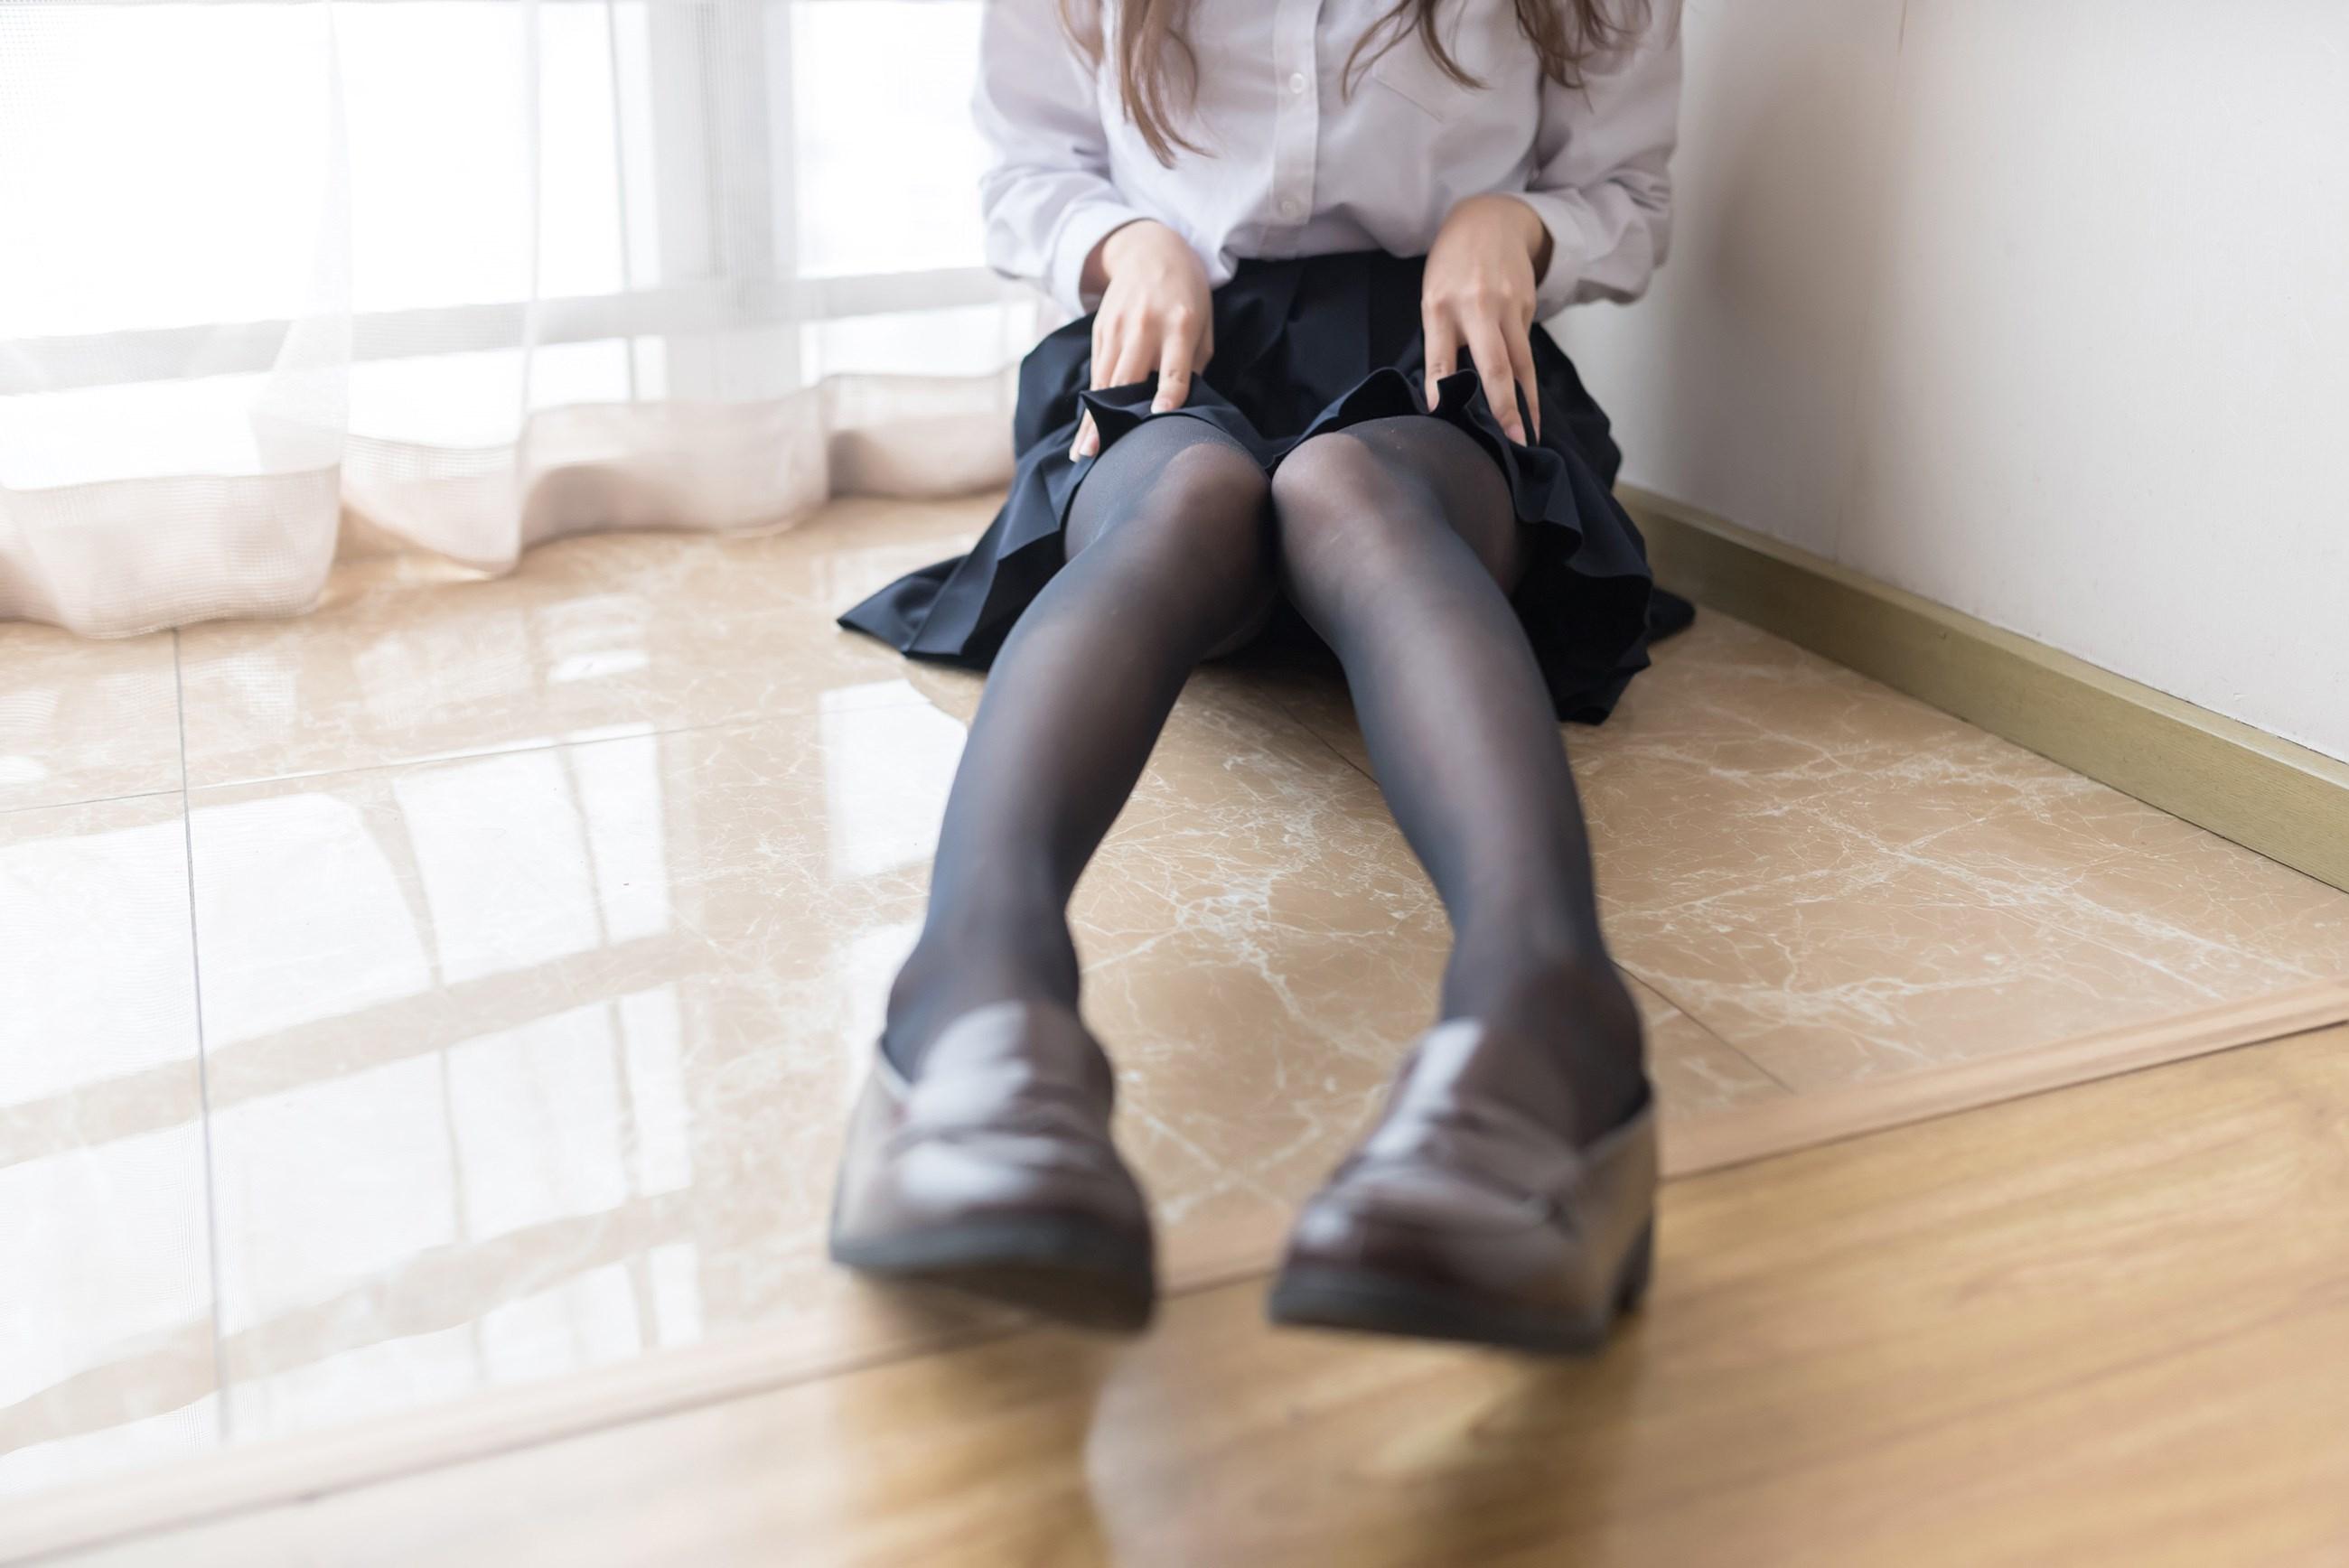 【兔玩映画】黑丝jk 兔玩映画 第21张